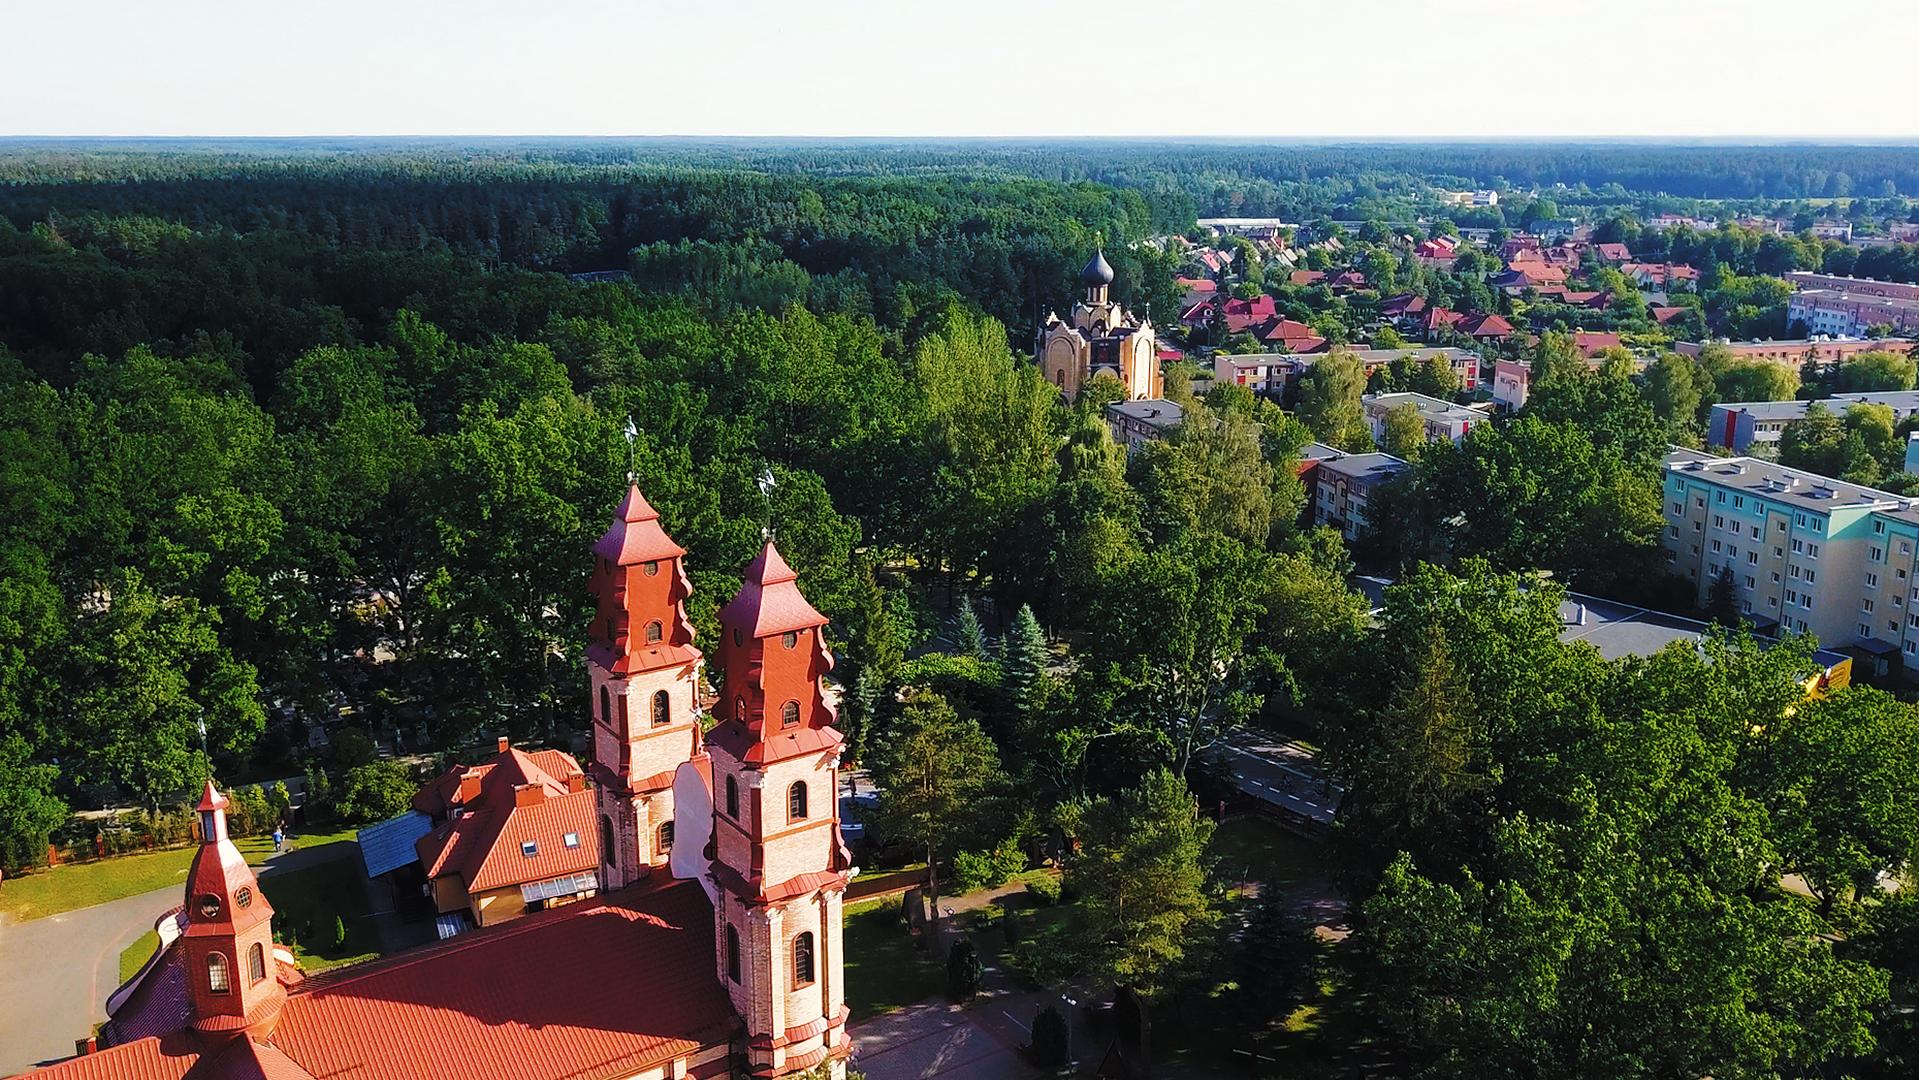 Hajnówka leży na skraju Puszczy Białowieskiej. Mieszkańcy są dumni z różnorodności miasta